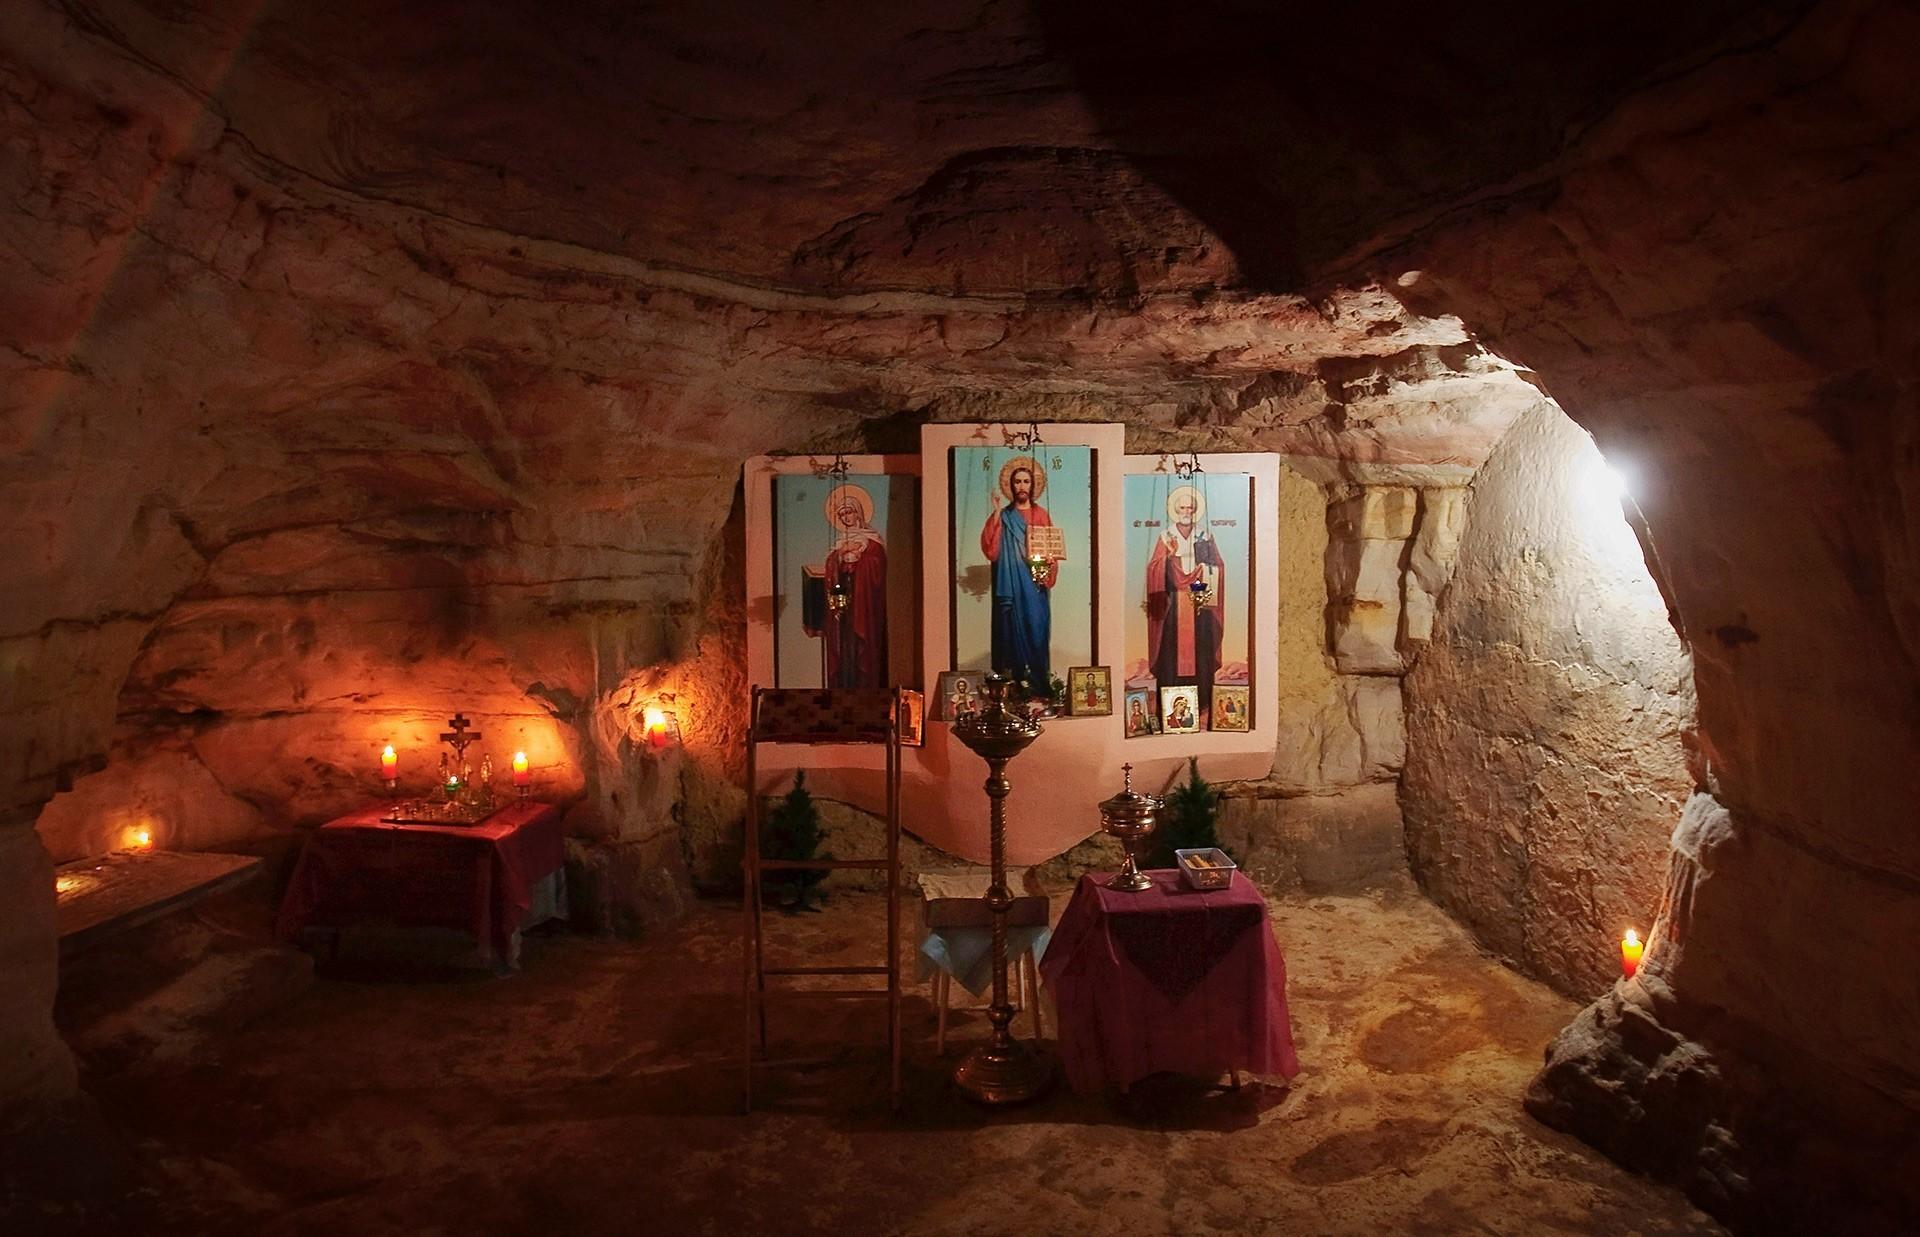 V tole podzemno kapelico se lahko stlači 60 ljudi.